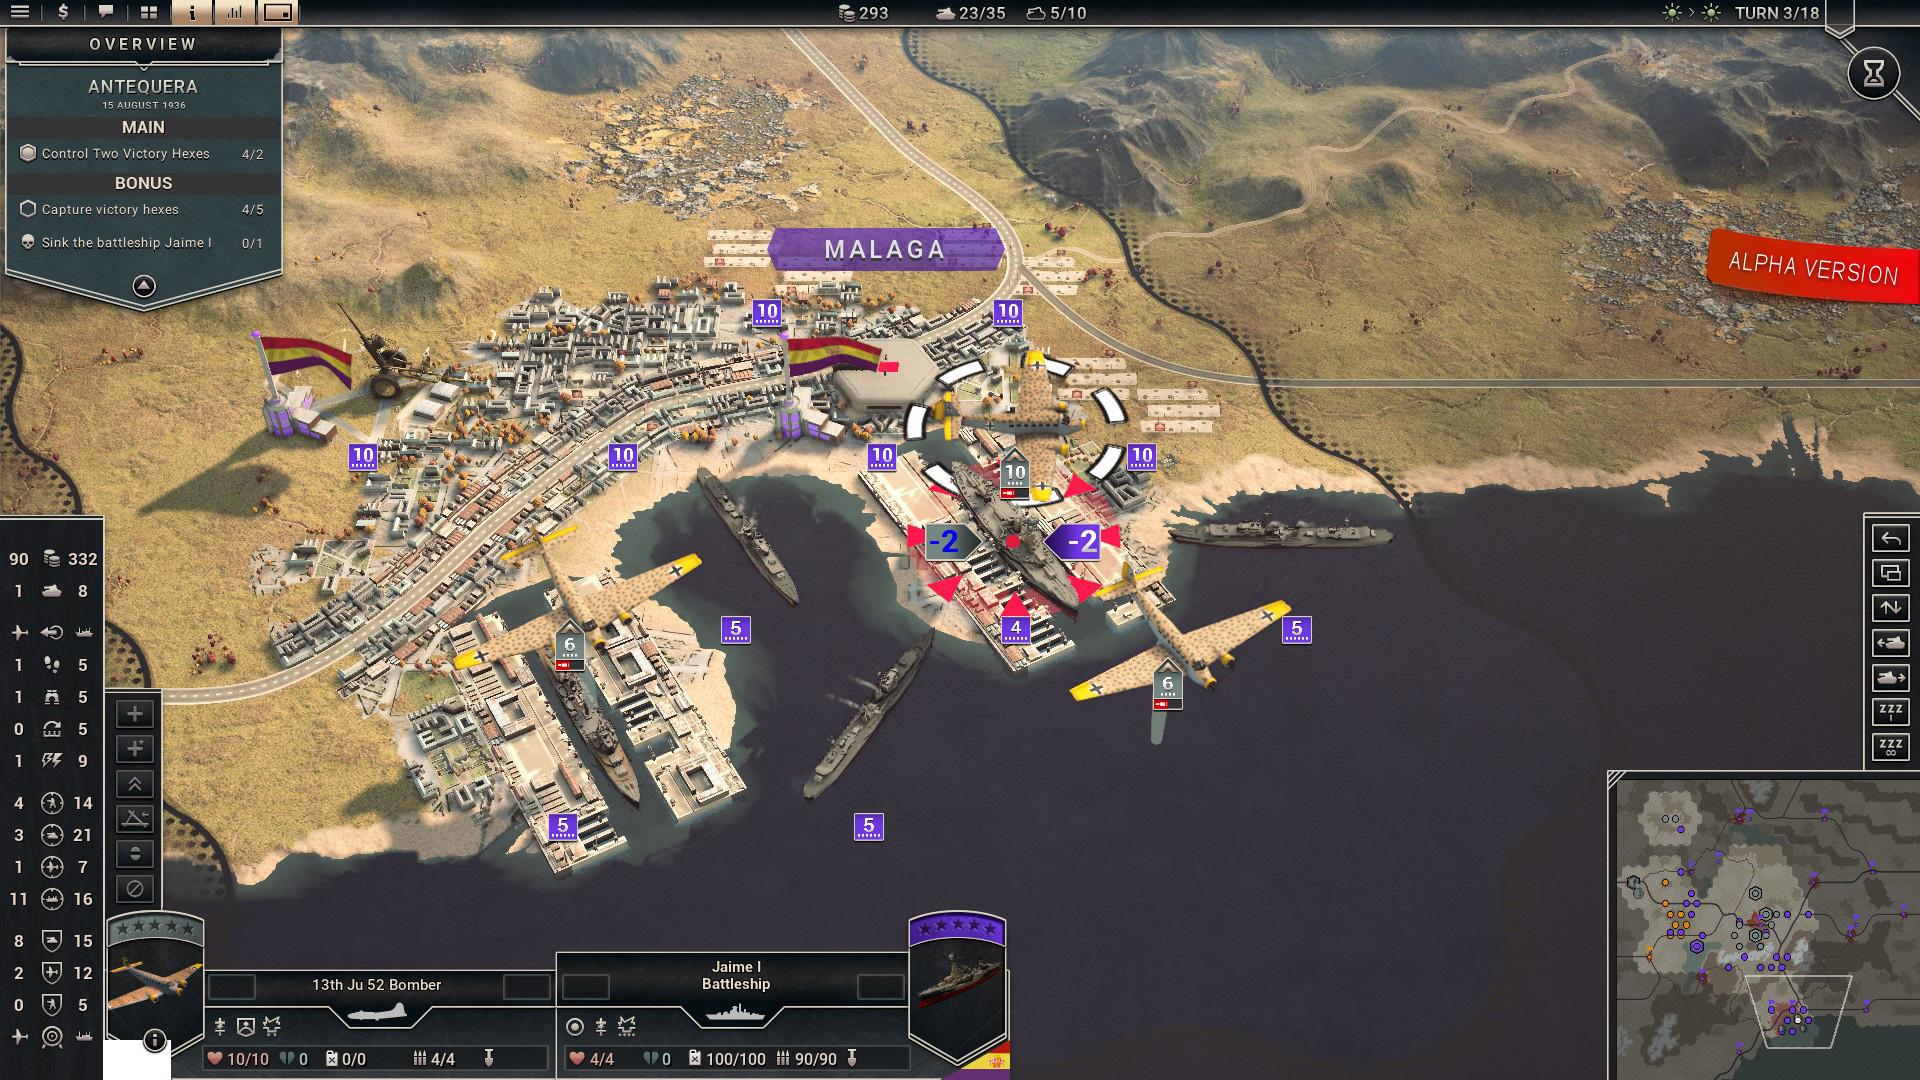 Noticias sobre juegos de SLITHERINE y MATRIX GAMES - Página 3 PC2-SpanishCivilWar_screenshot1